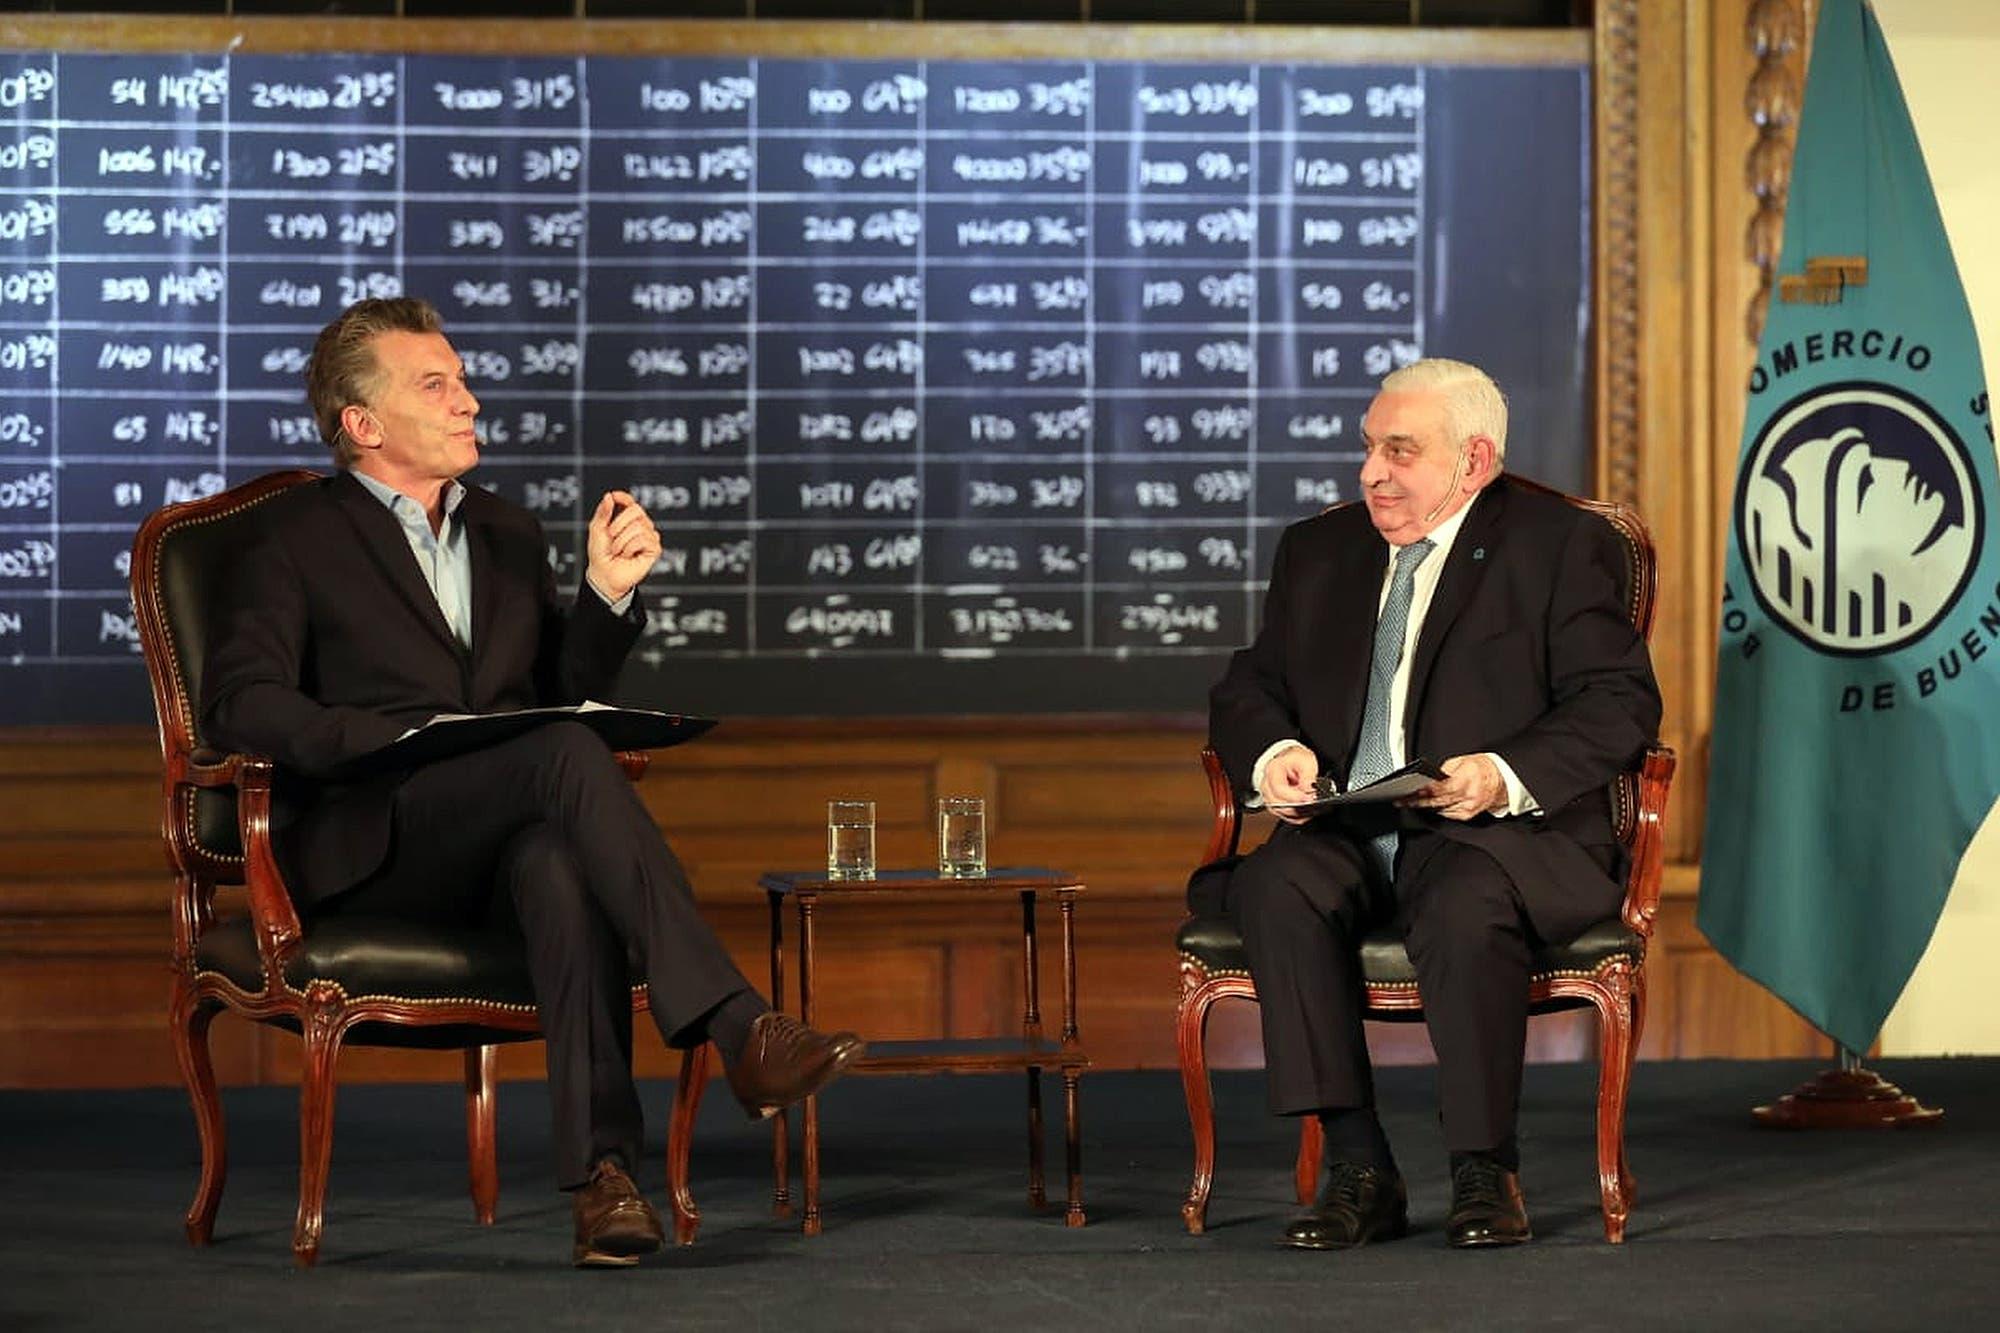 """""""Le agradezco que haya decidido venir, ya que el año pasado no vino"""", la chicana del titular de la Bolsa a Macri"""